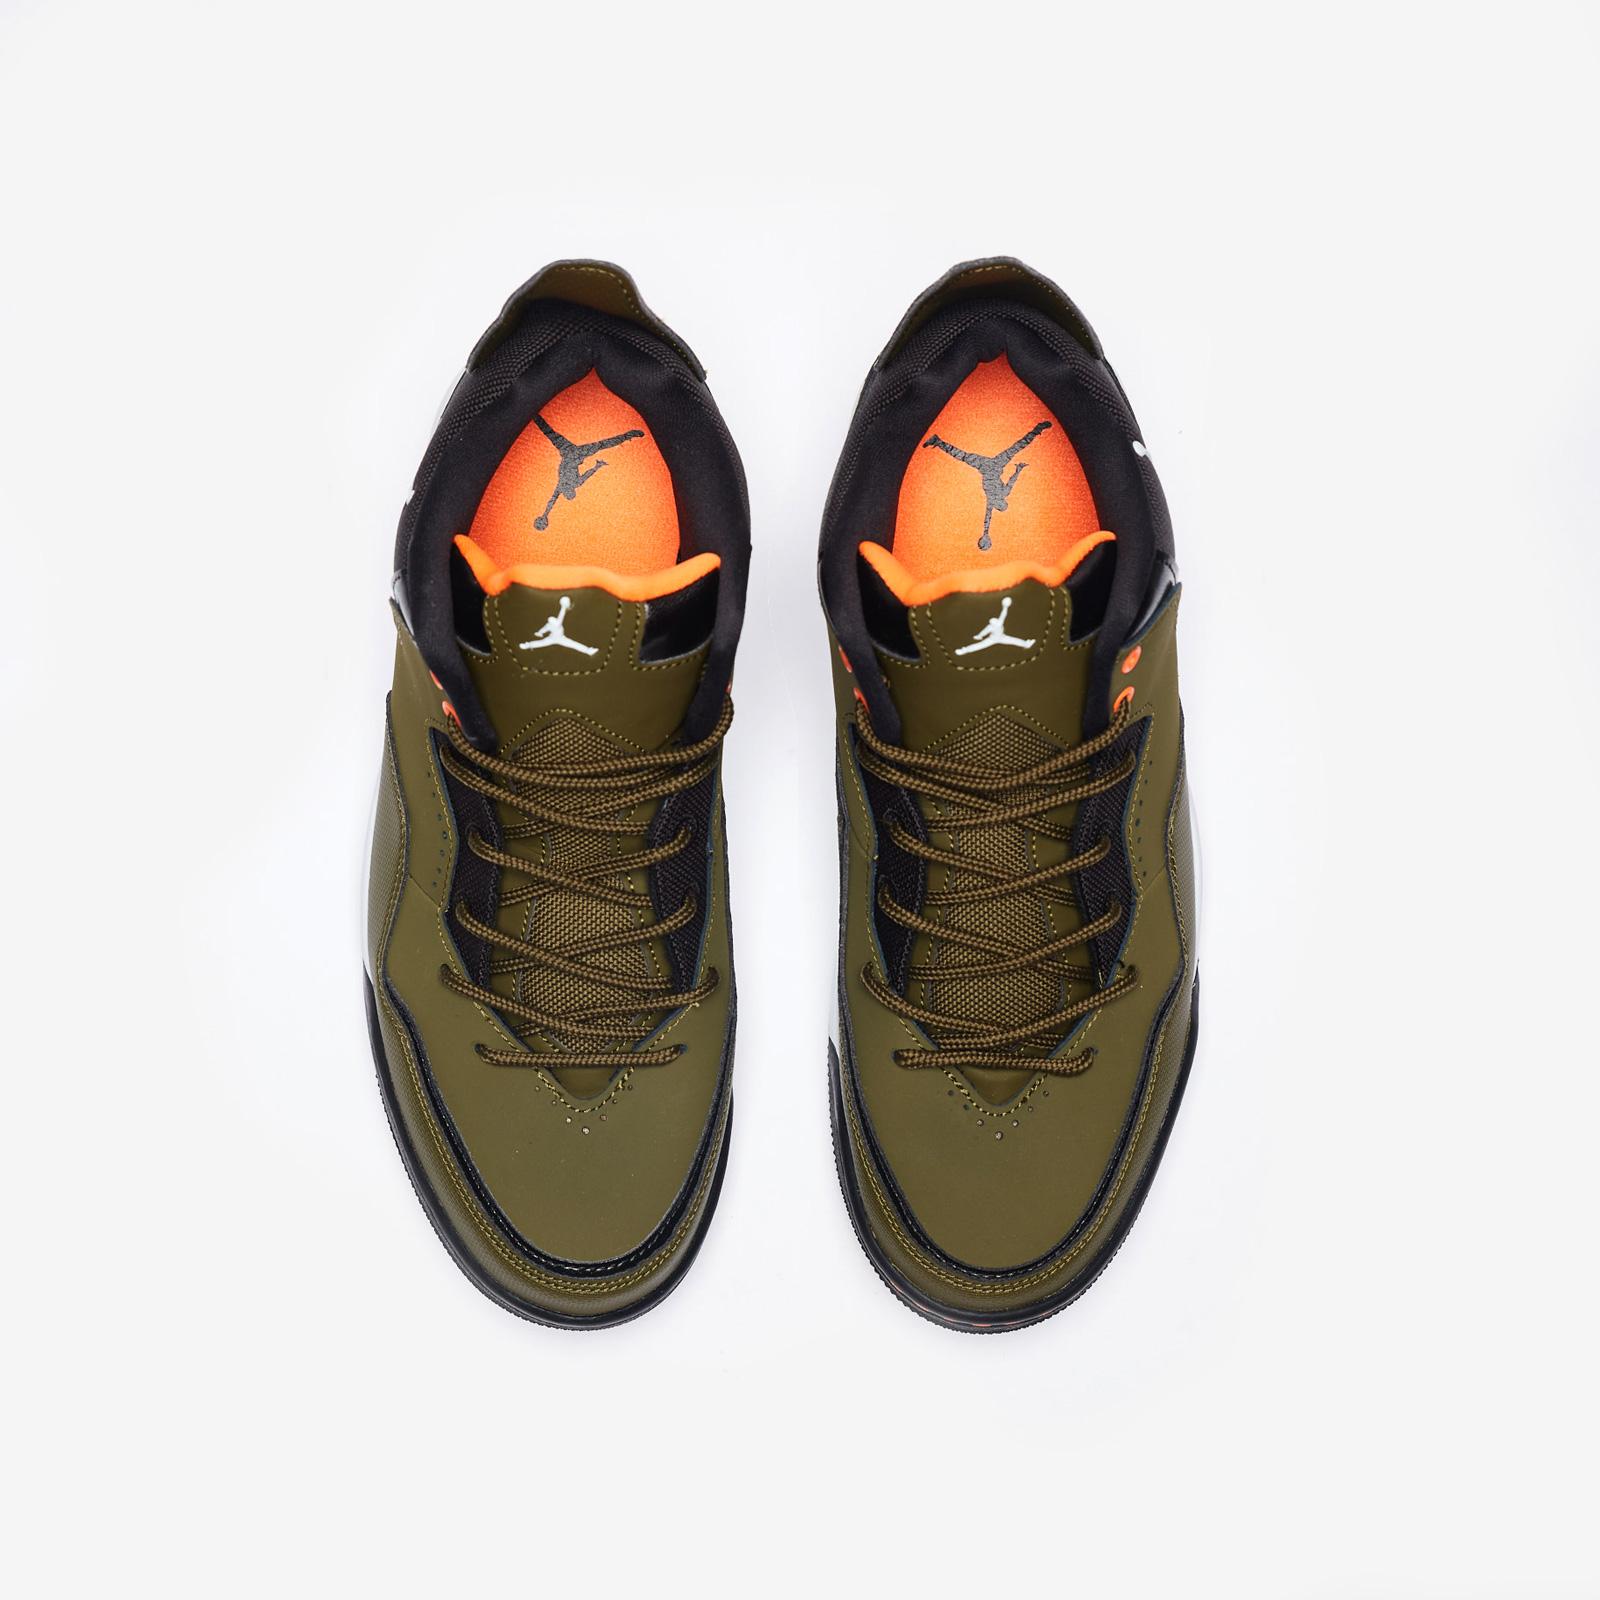 Jordan Brand Jordan Courtside 23 Ar1000 300